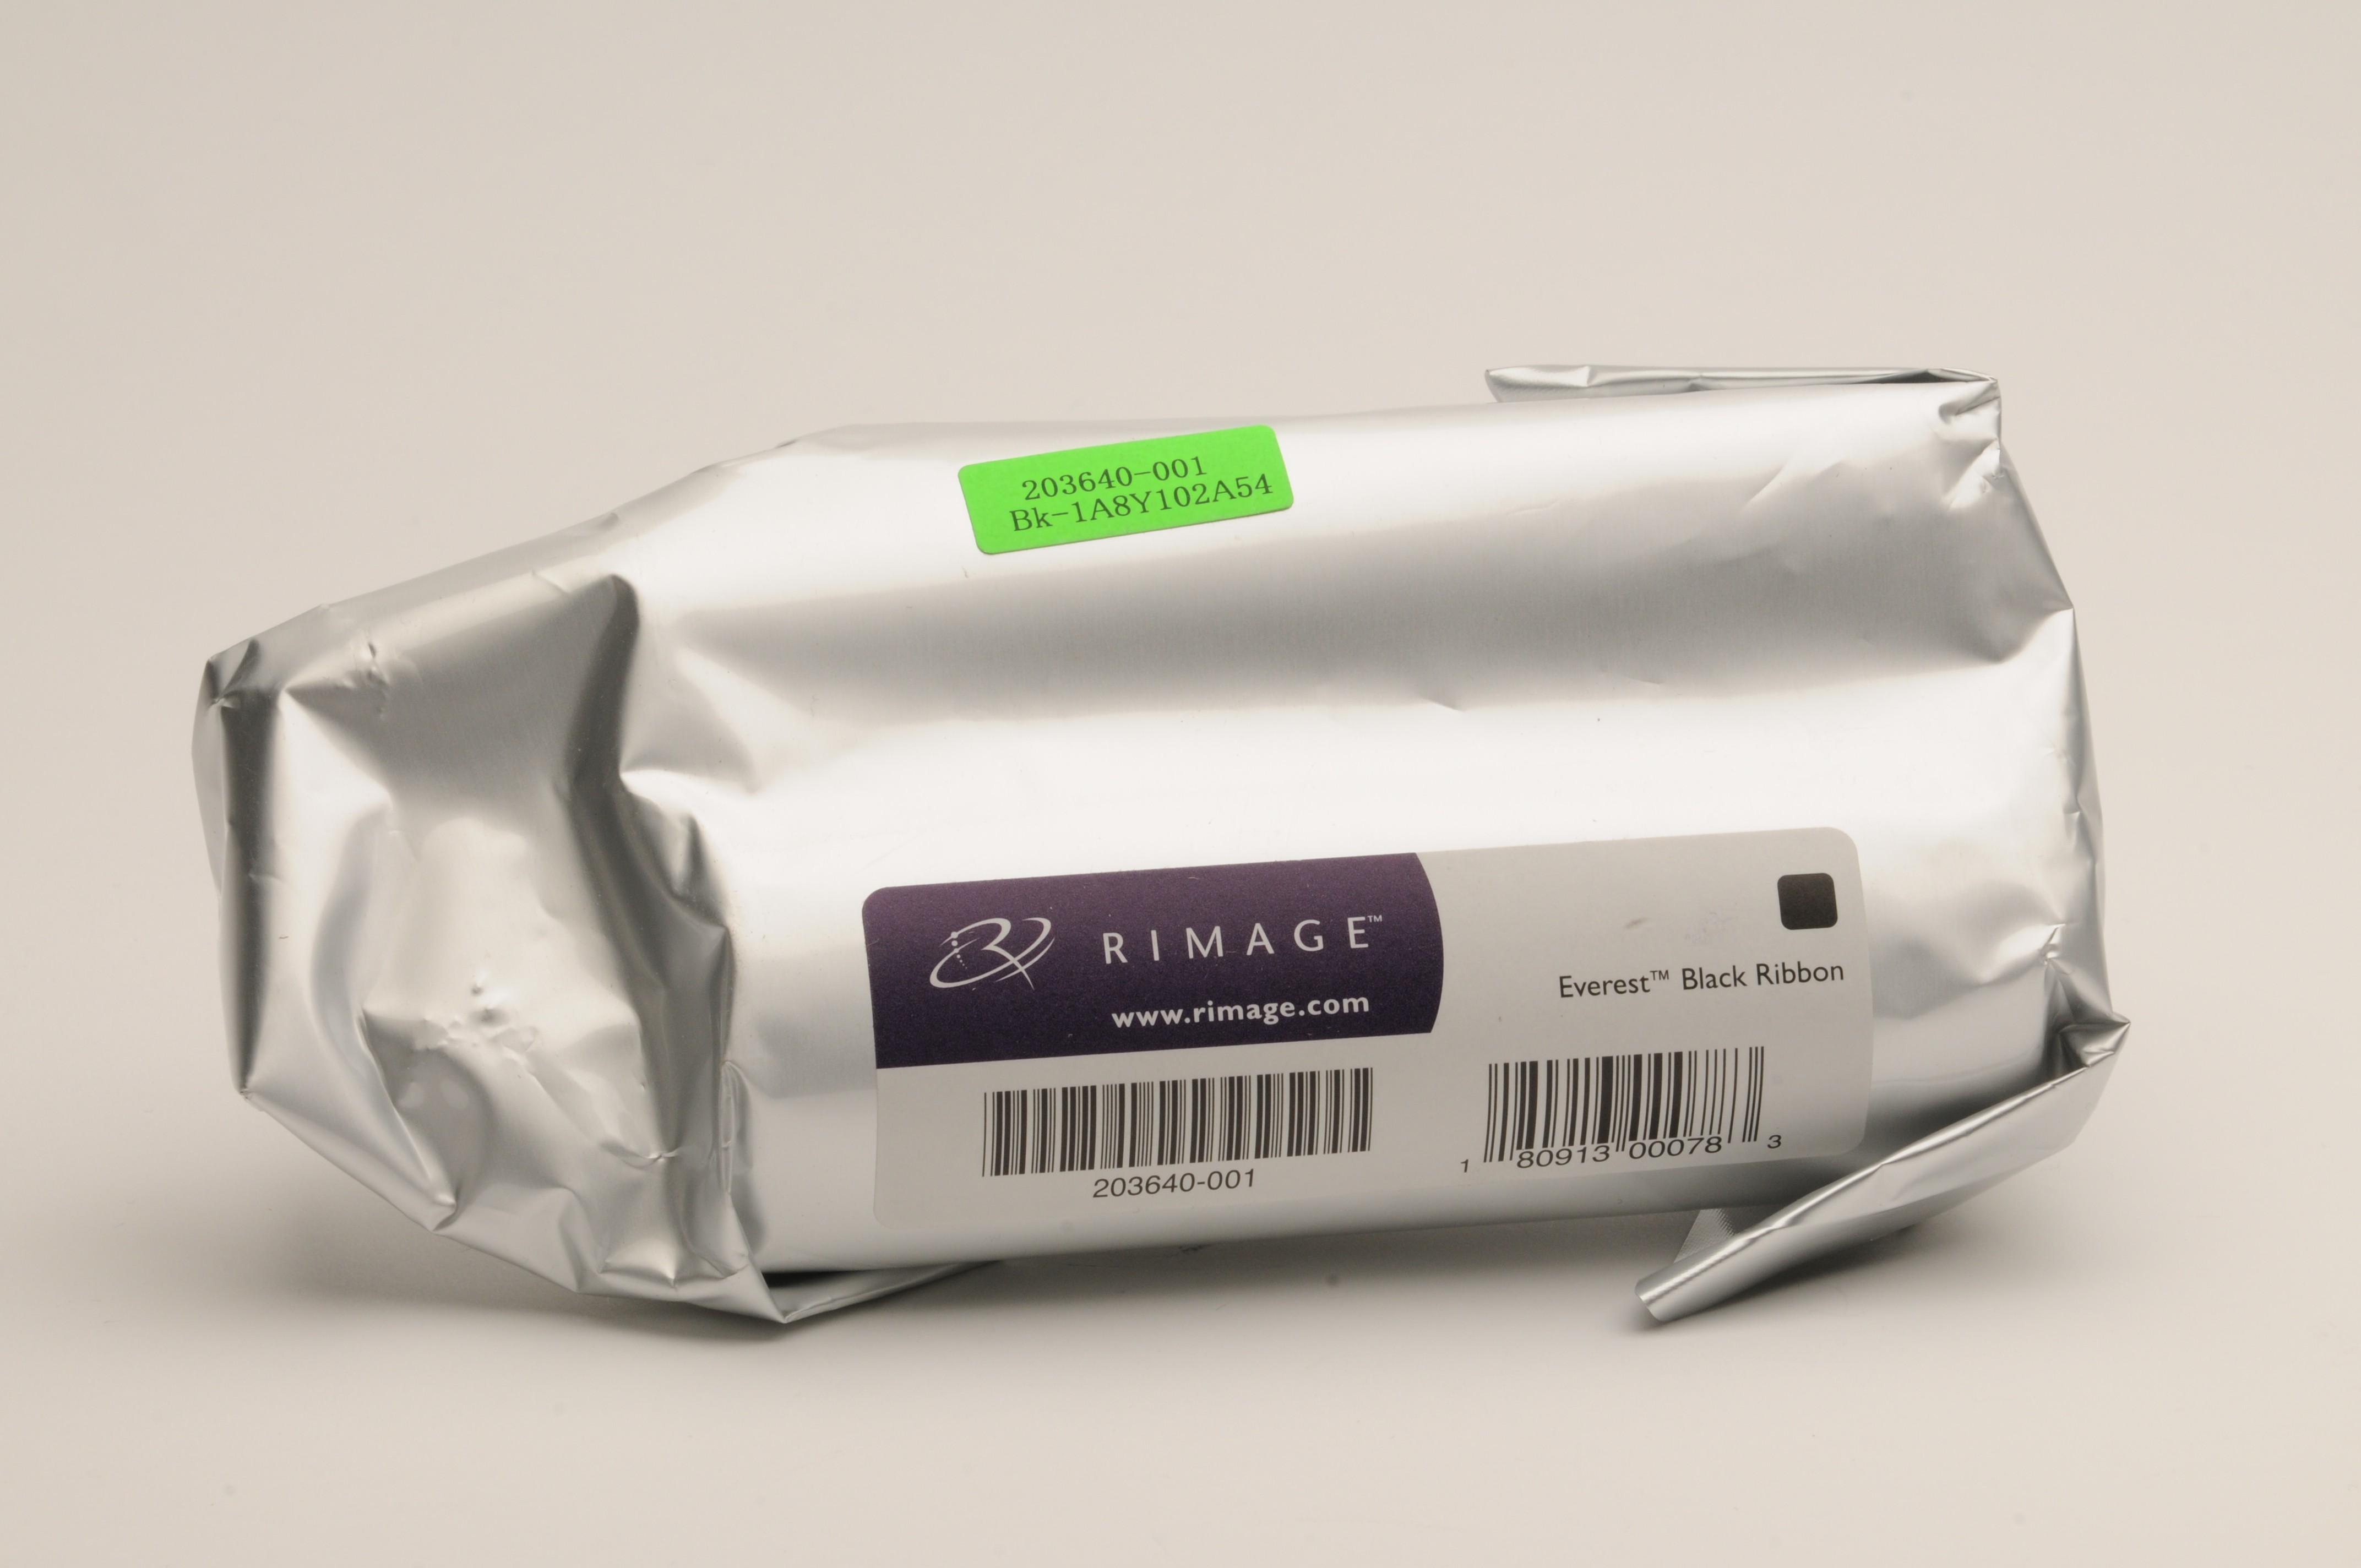 Rimage Everest 400/600 Black Ribbon, OEM Ribbon, 2001481